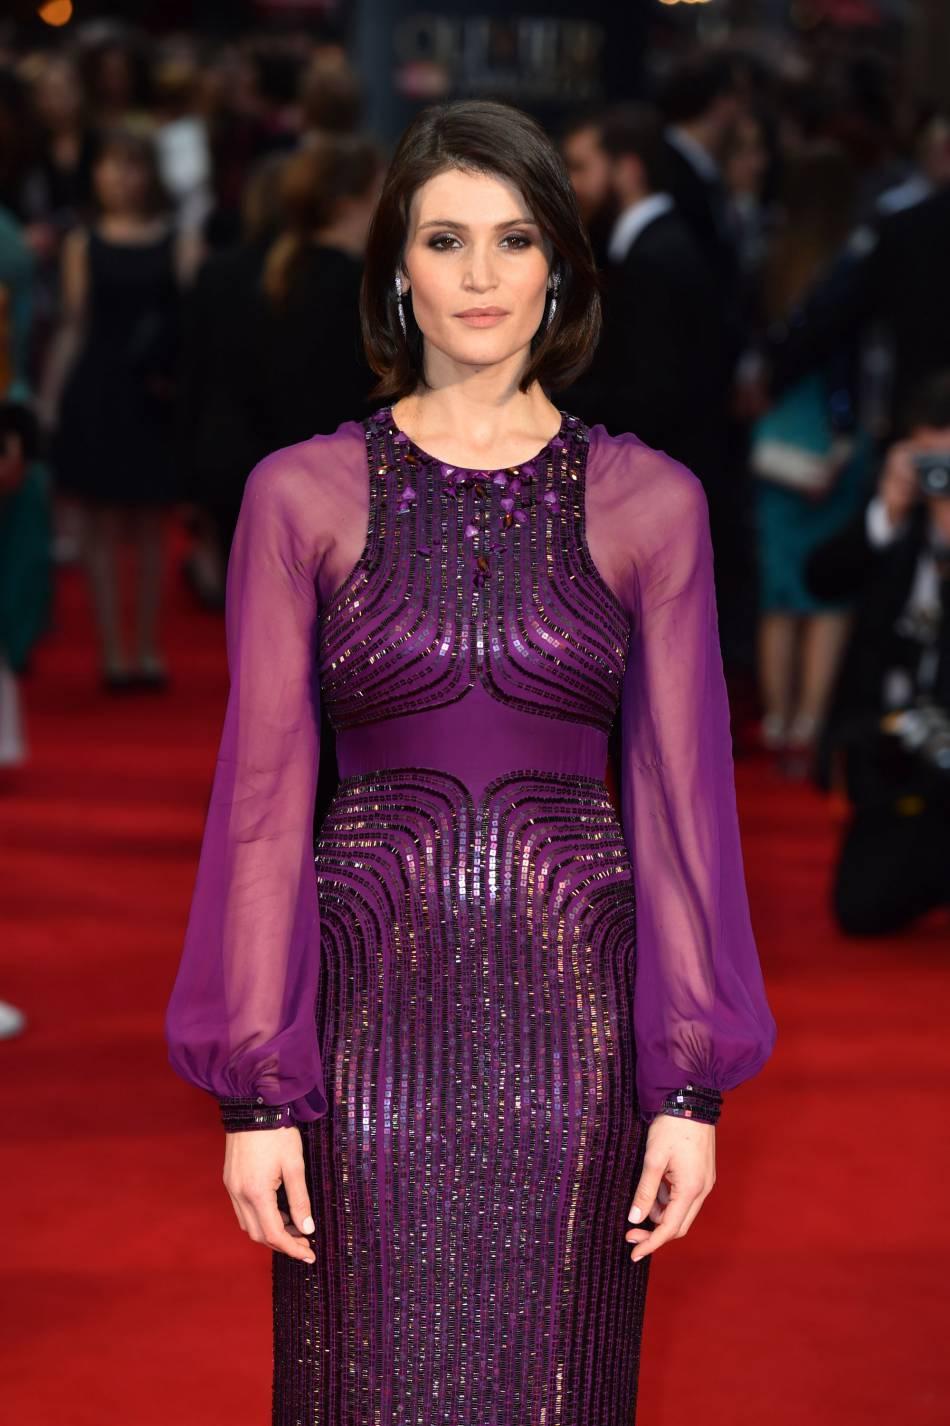 Gemma Arterton, mise en valeur par une robe rebrodée de perles et sequins signée Jenny Packham.